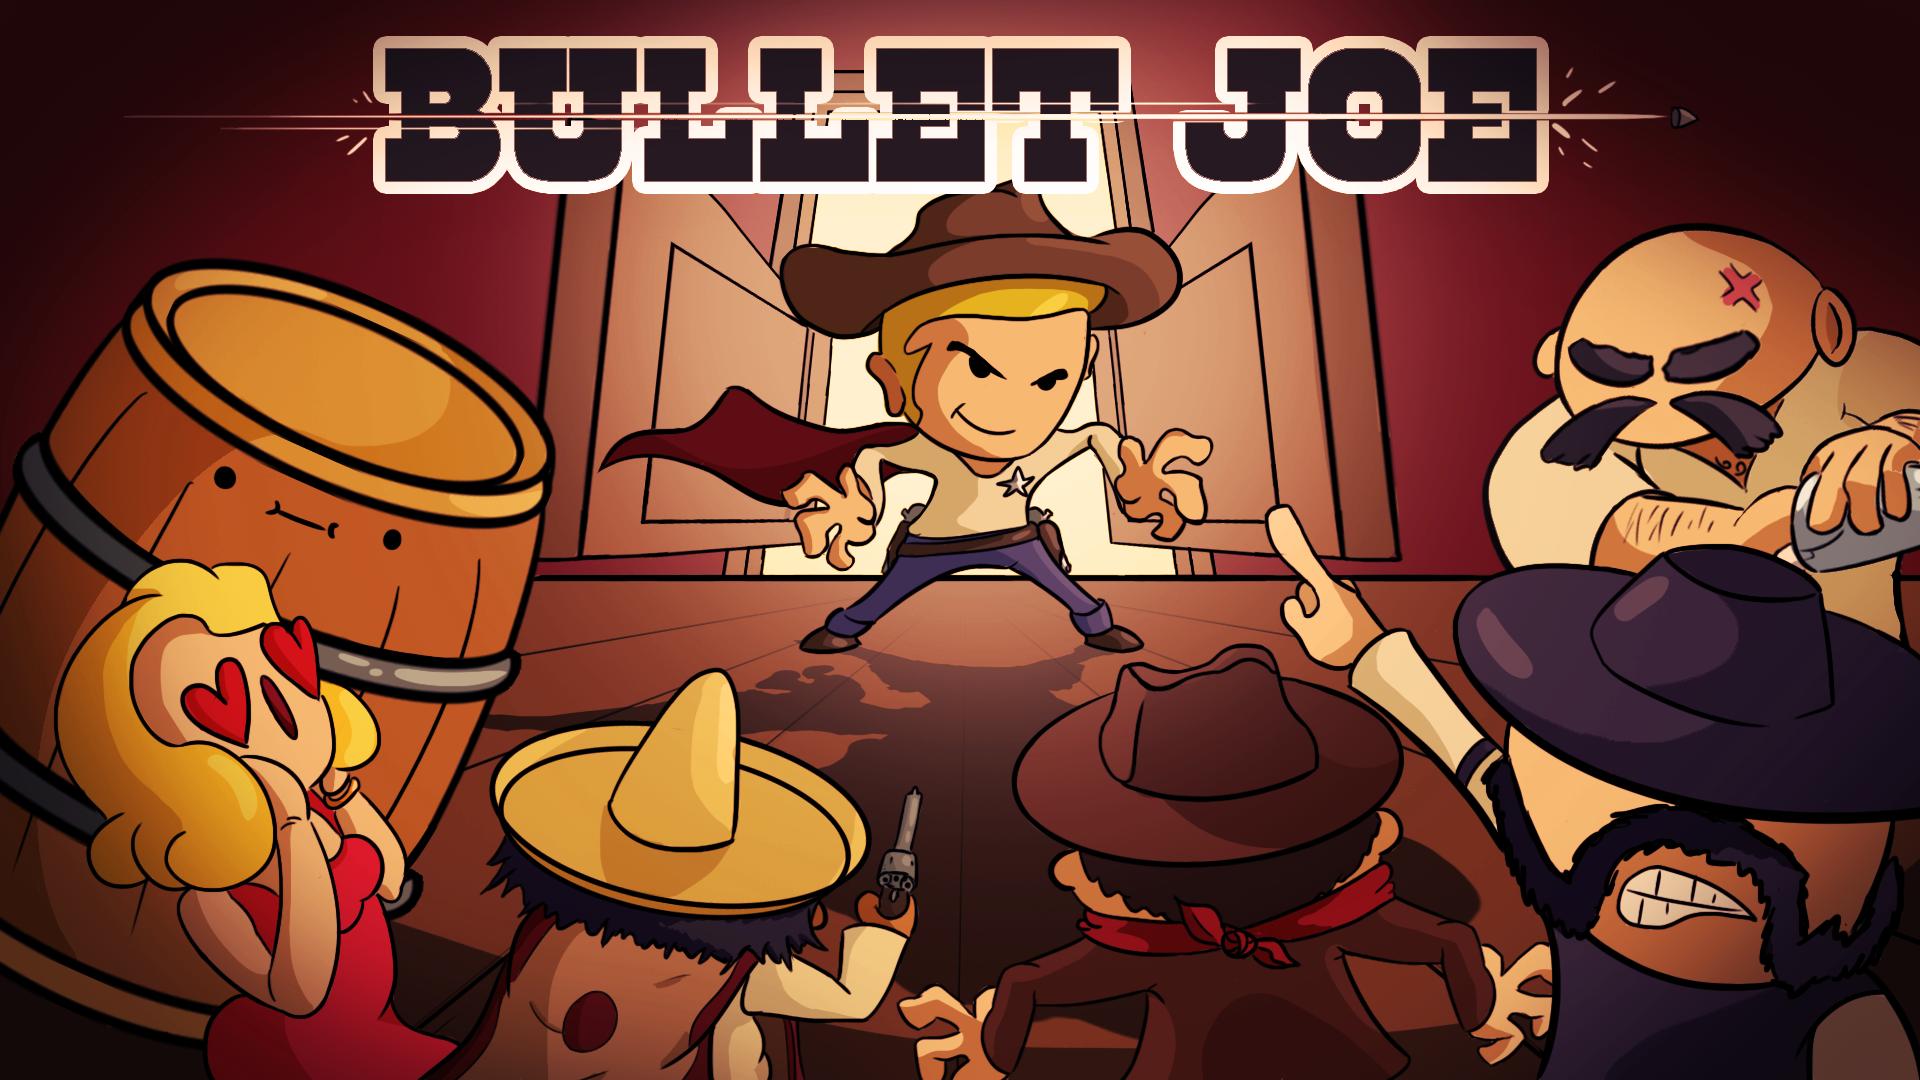 Bullet Joe